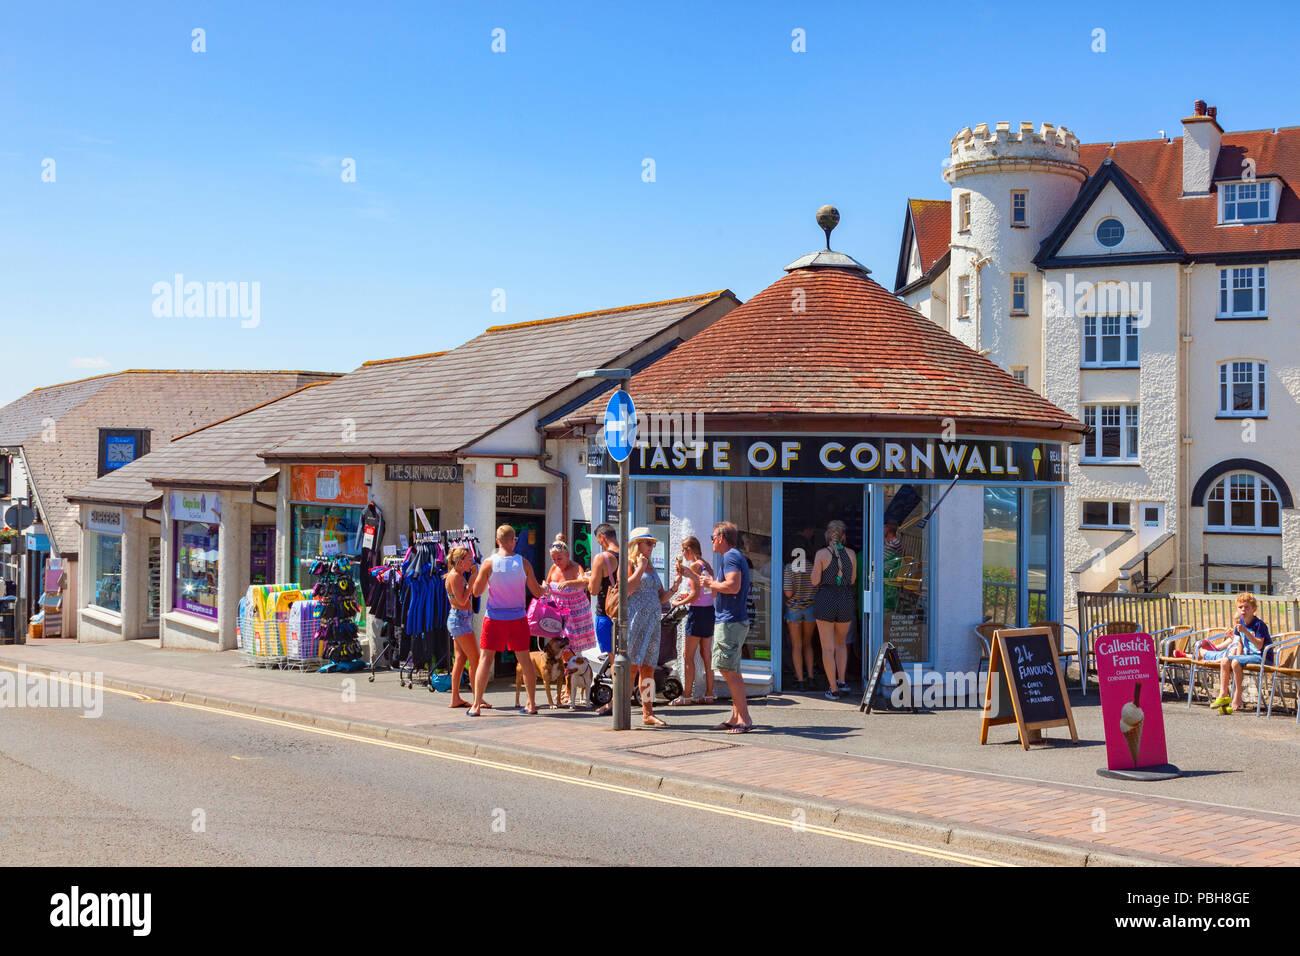 Vom 7. Juli 2018: Bude Cornwall GROSSBRITANNIEN - In der anhaltenden heißen, sonnigen Wetter, Menschen ein erfrischendes Eis essen außerhalb der Geschmack von Cornwall in Belle Anzeigen. Stockbild